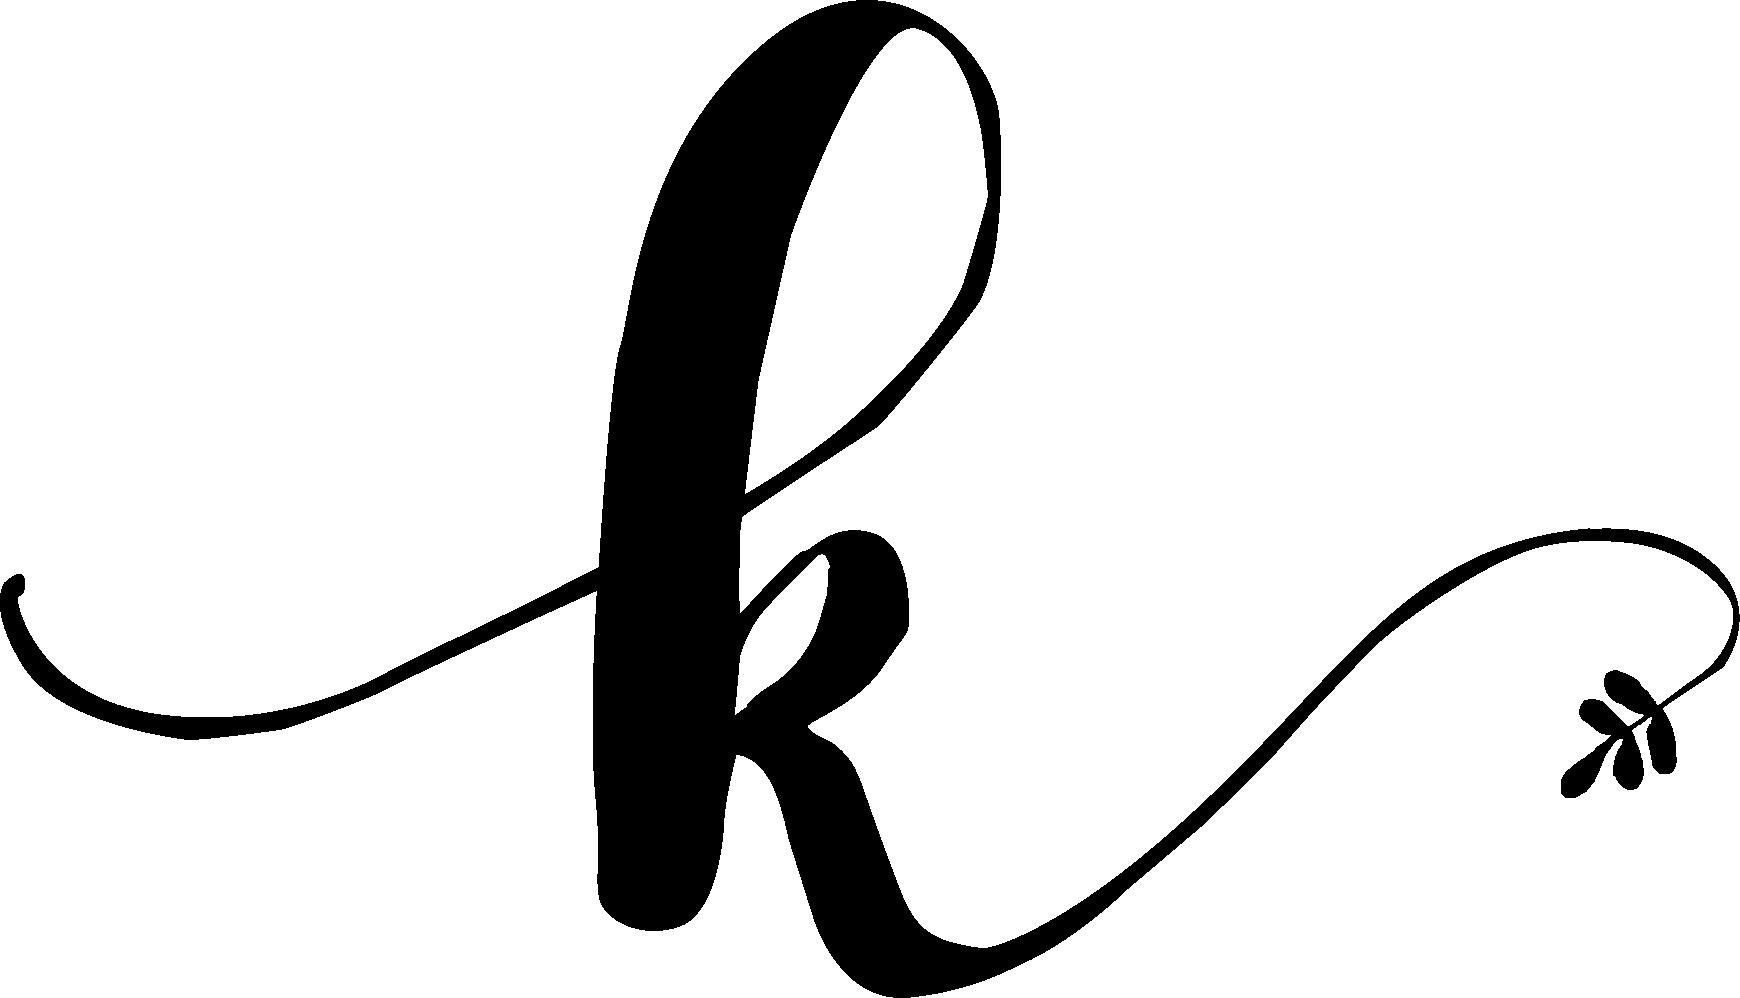 KESsubmark-bw.png